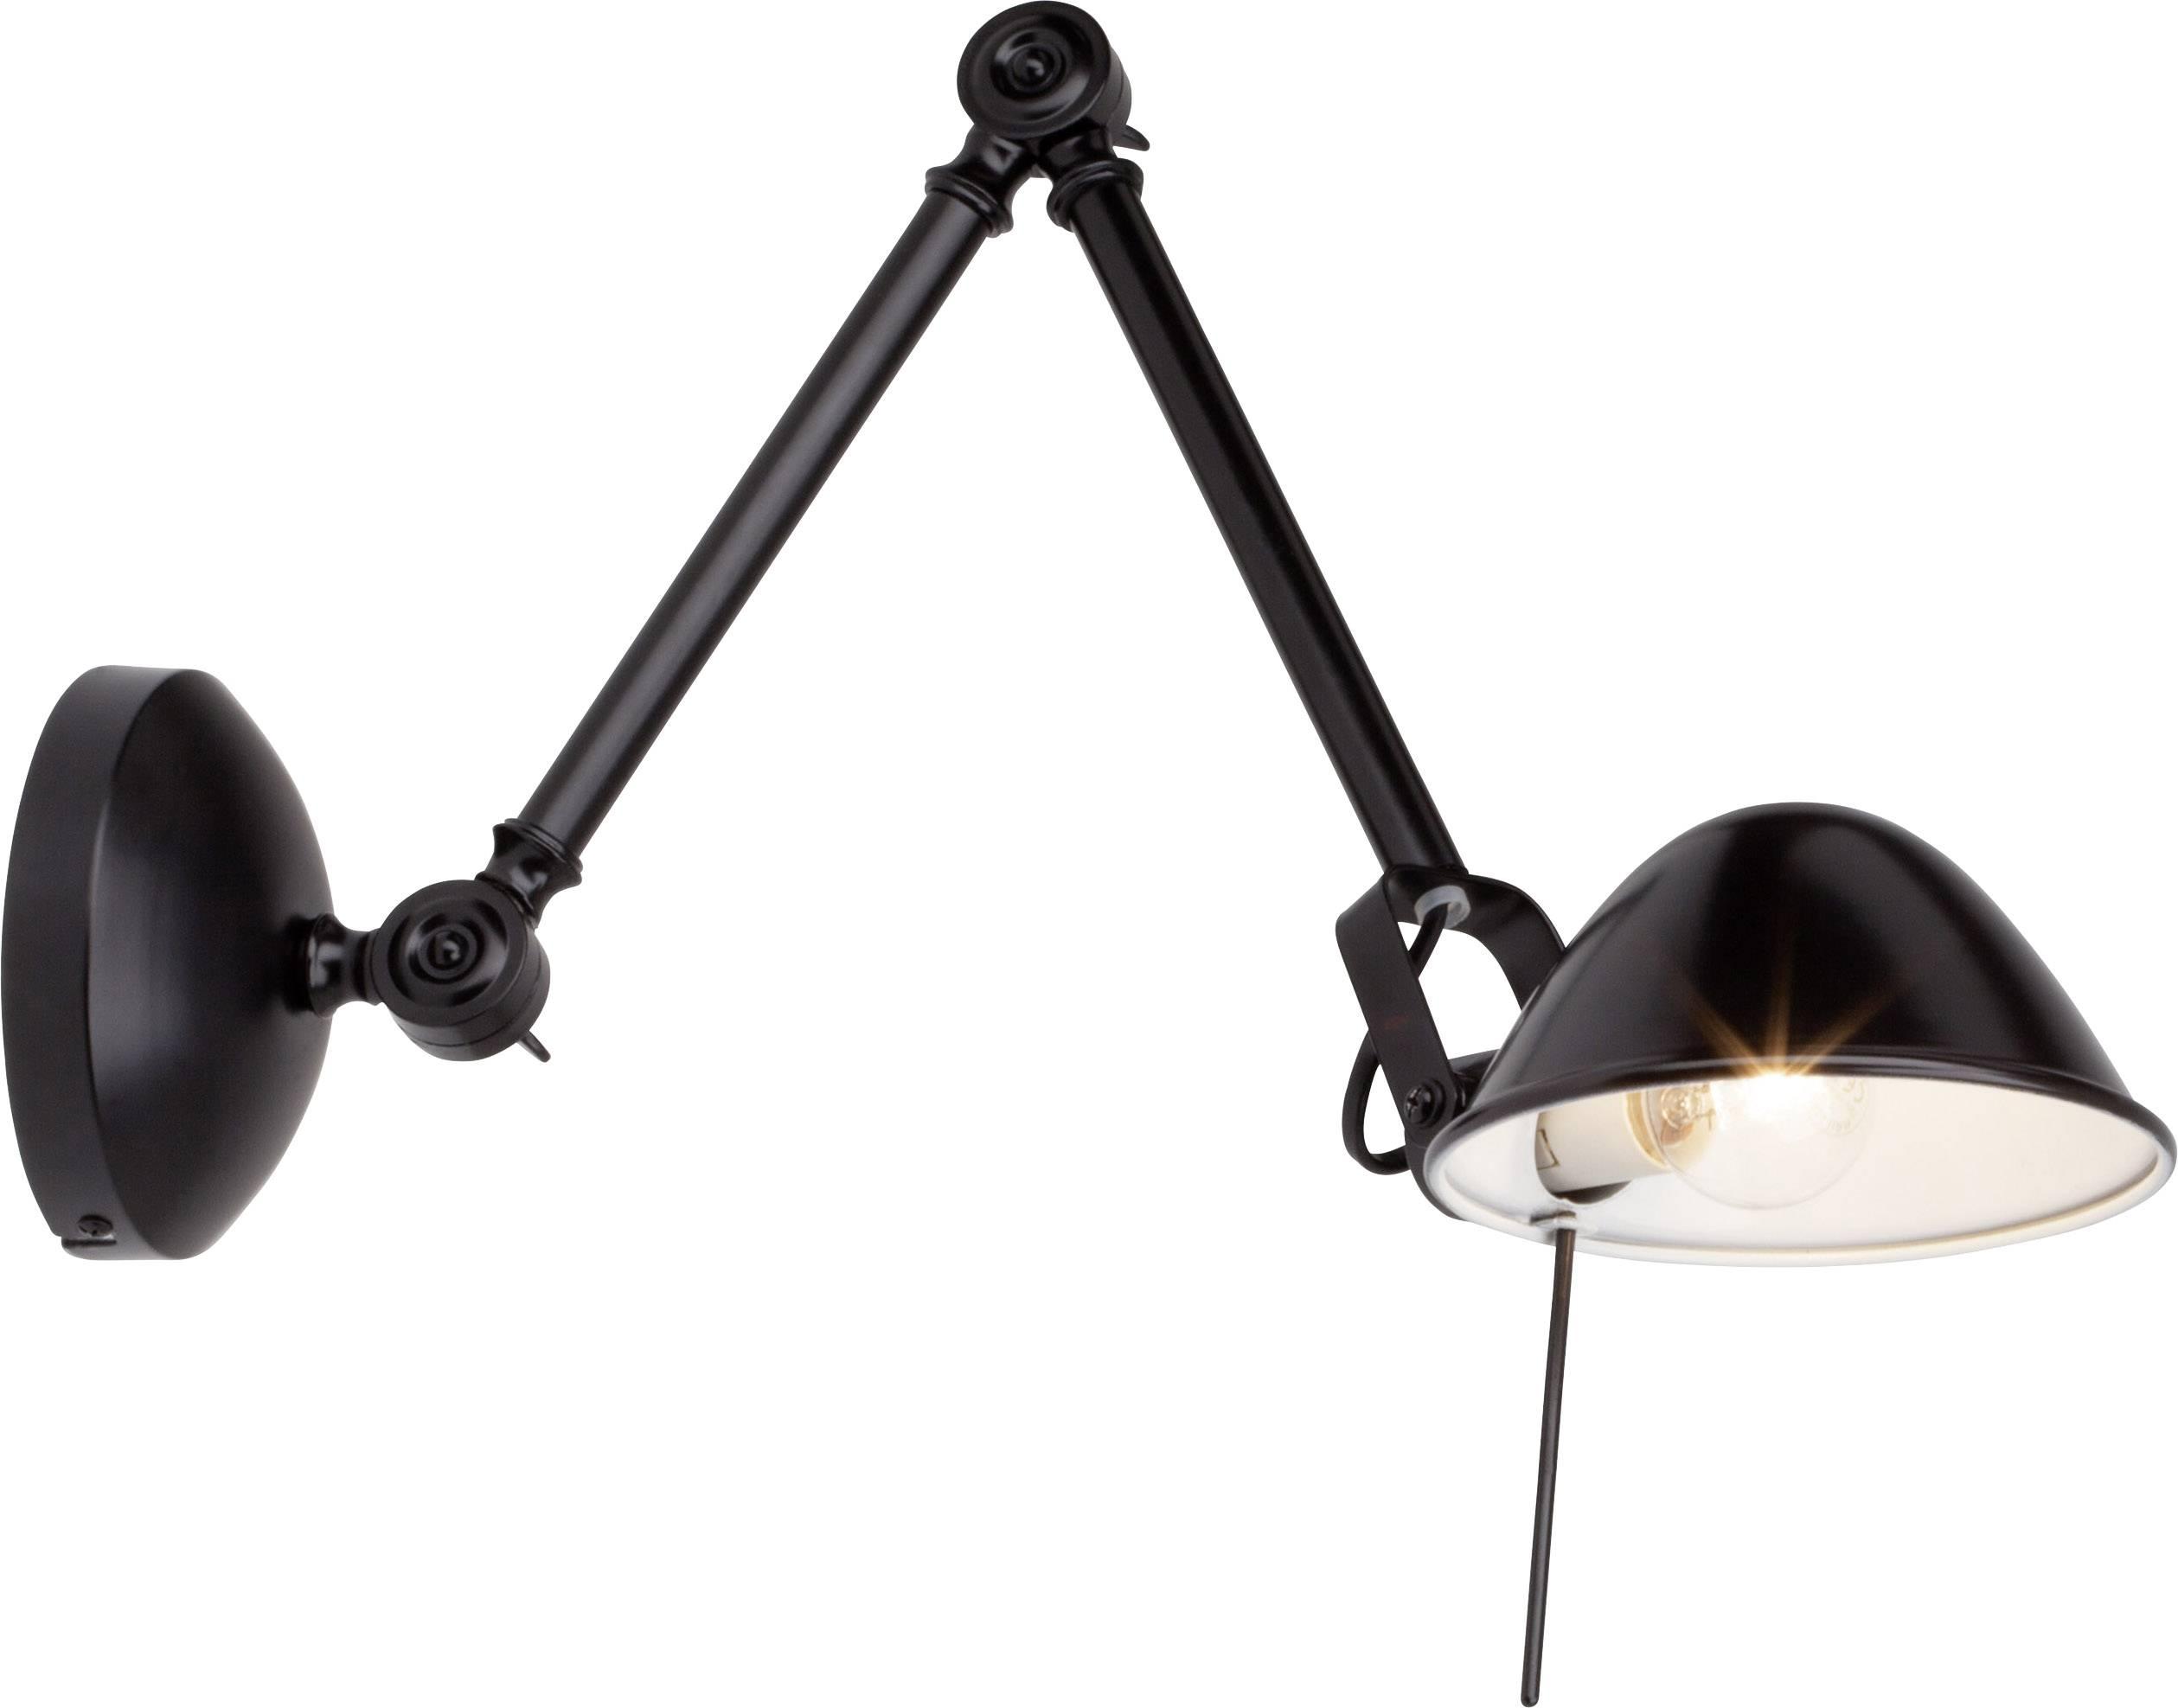 Monter Une Lampe De Chevet lampe de chevet brilliant torana 40 w intensité variable, pivotable,  inclinable, montage mural possible noir